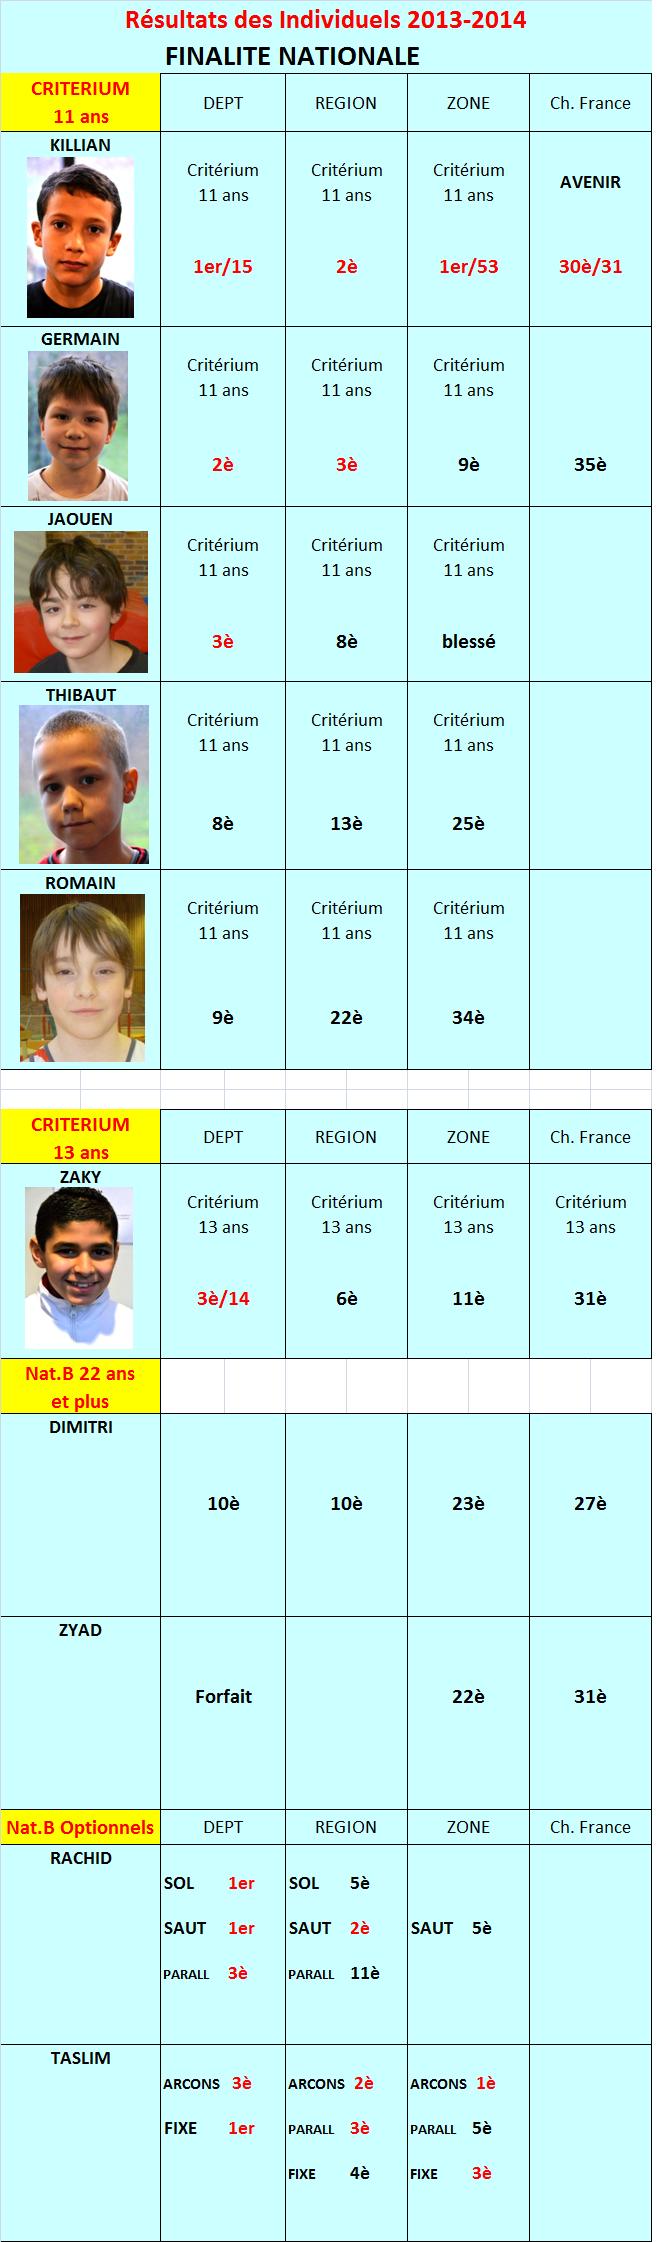 Résultats Individuels 2014 Finalité Nationale